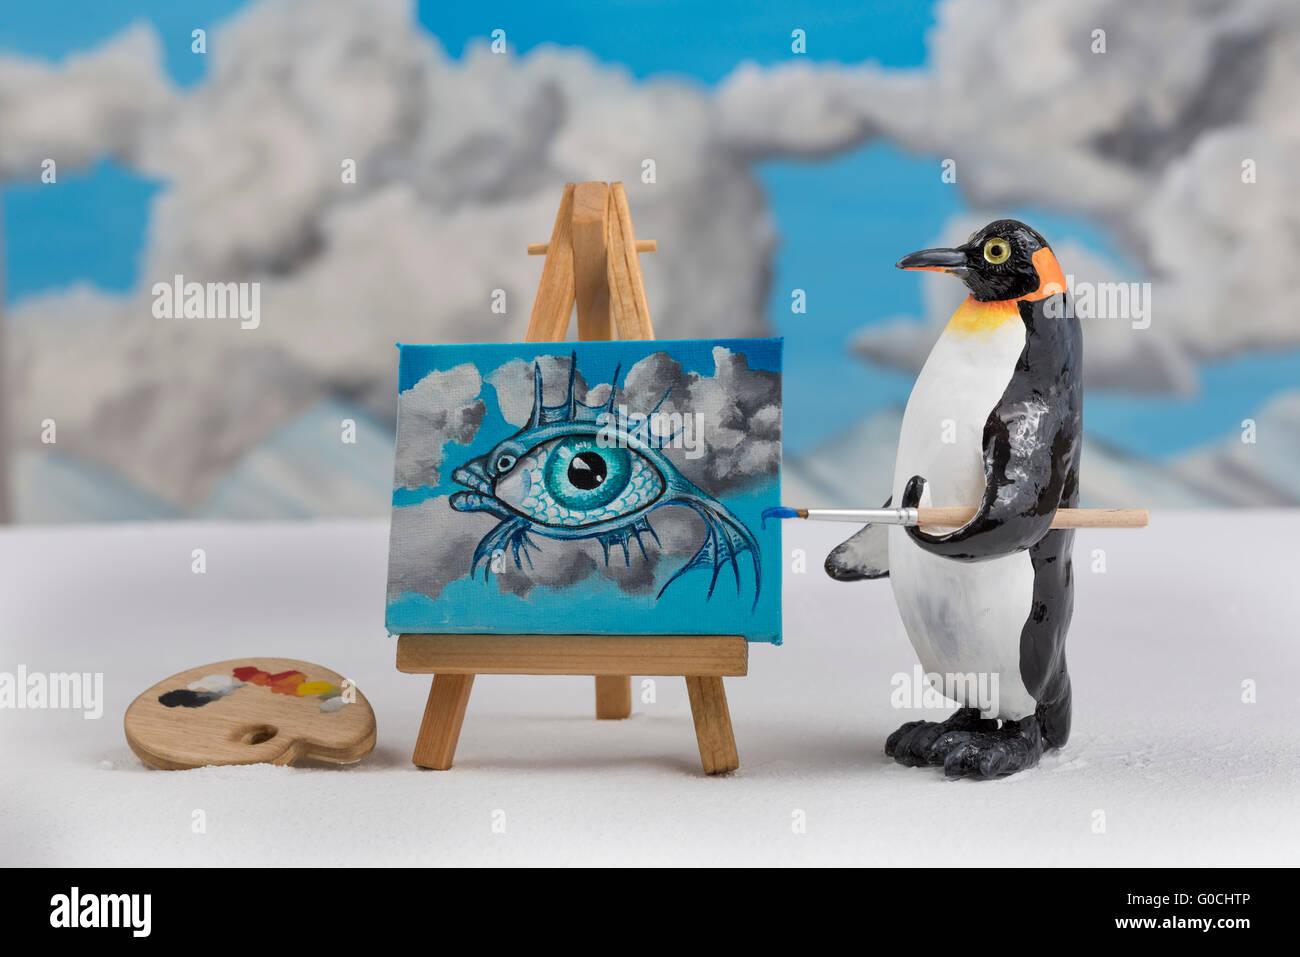 Modele D Une Peinture D Un Pingouin Poisson Surrealiste Avec Eye Et Scene Ciel Photo Stock Alamy